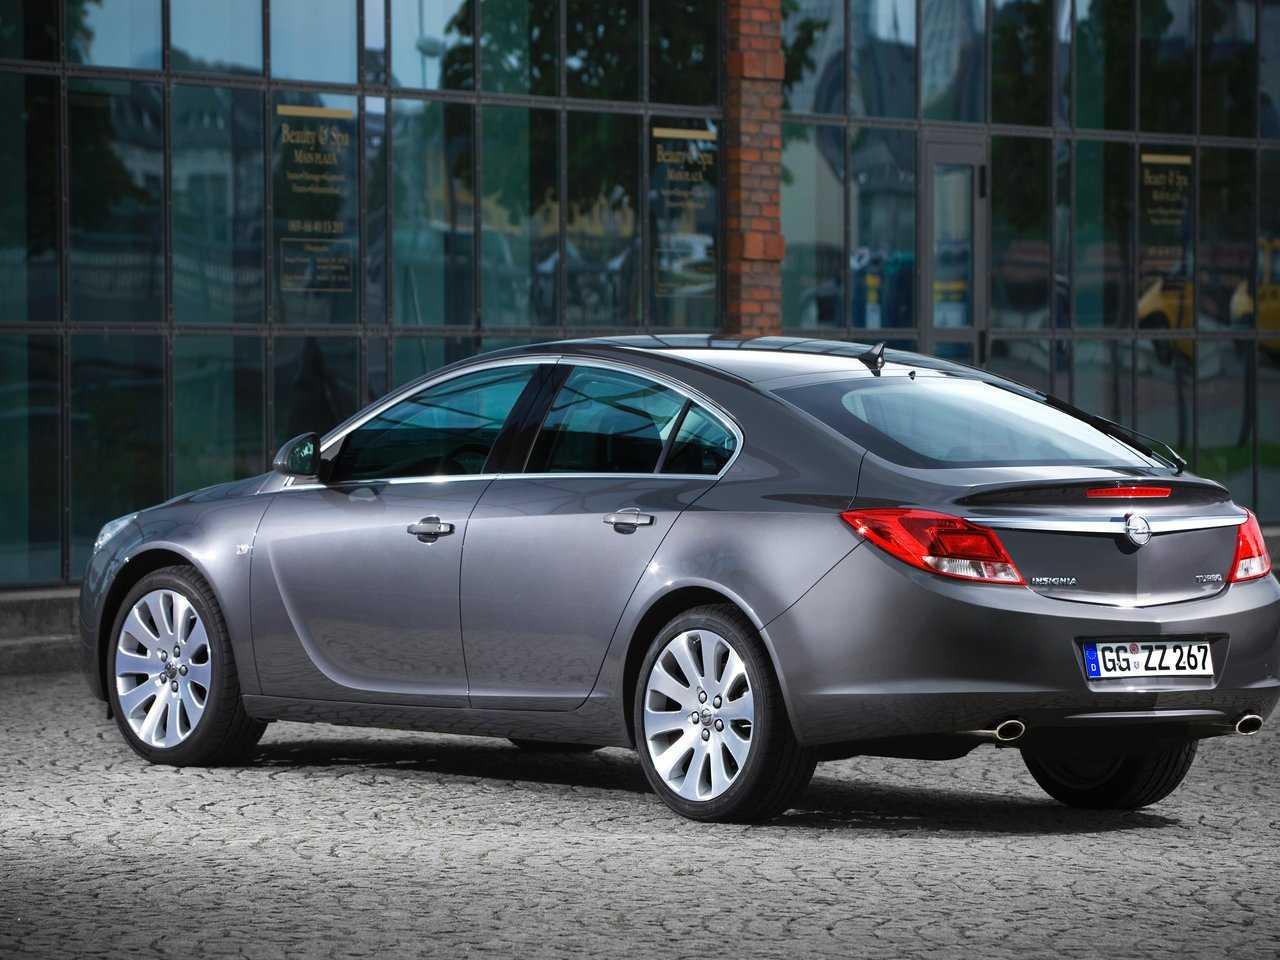 Opel insignia 2008, 2009, 2010, 2011, 2012, универсал, 1 поколение технические характеристики и комплектации